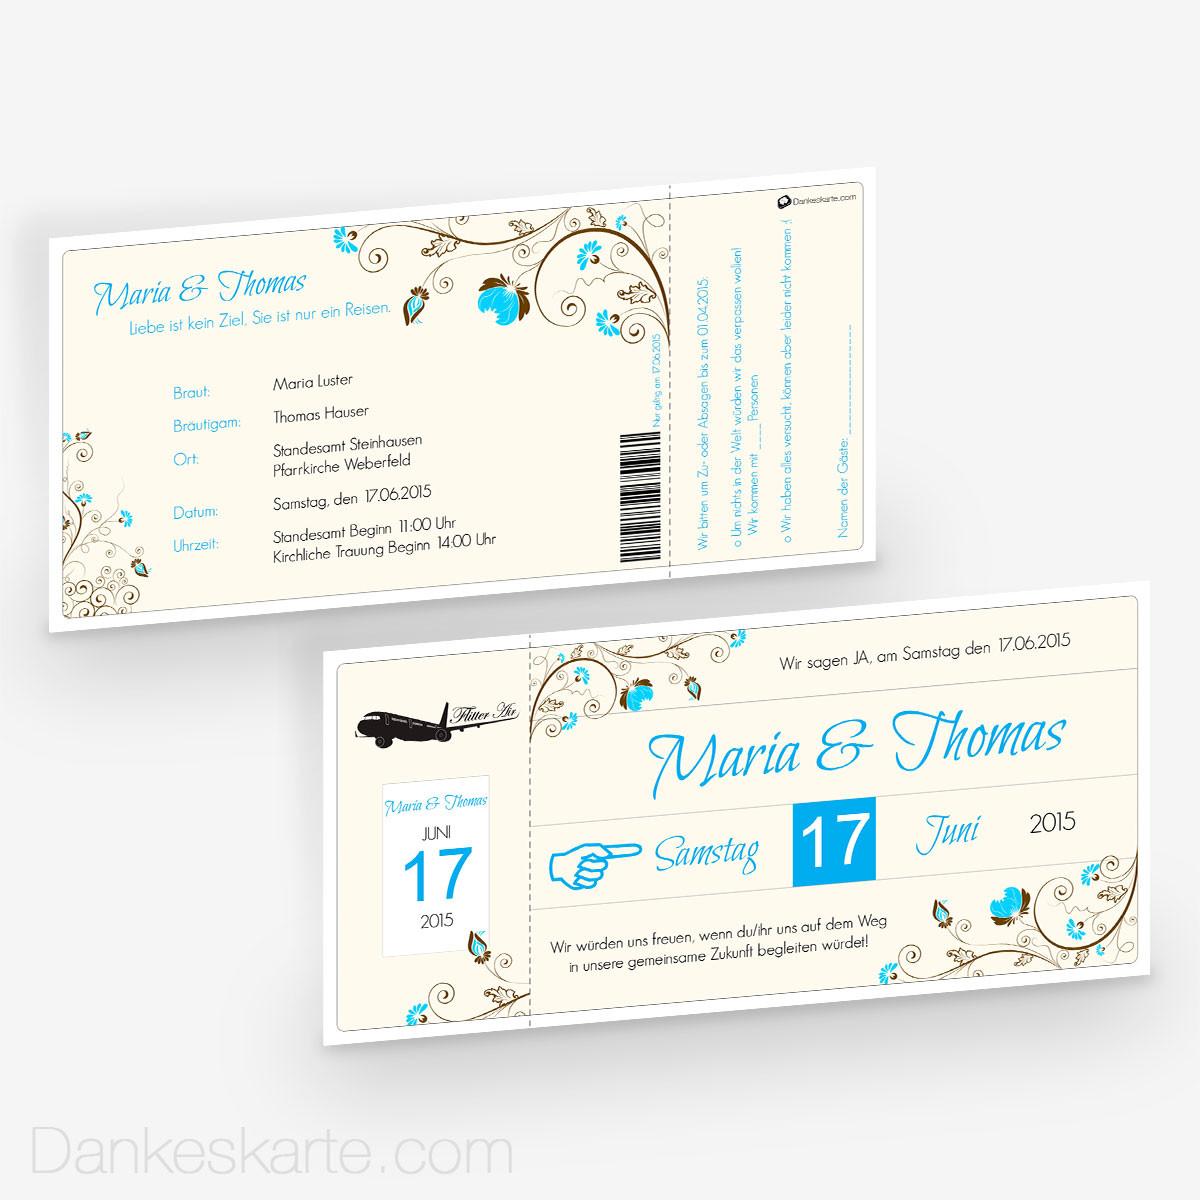 Hochzeitseinladung Flugticket 21 x 10 cm - Dankeskarte.com